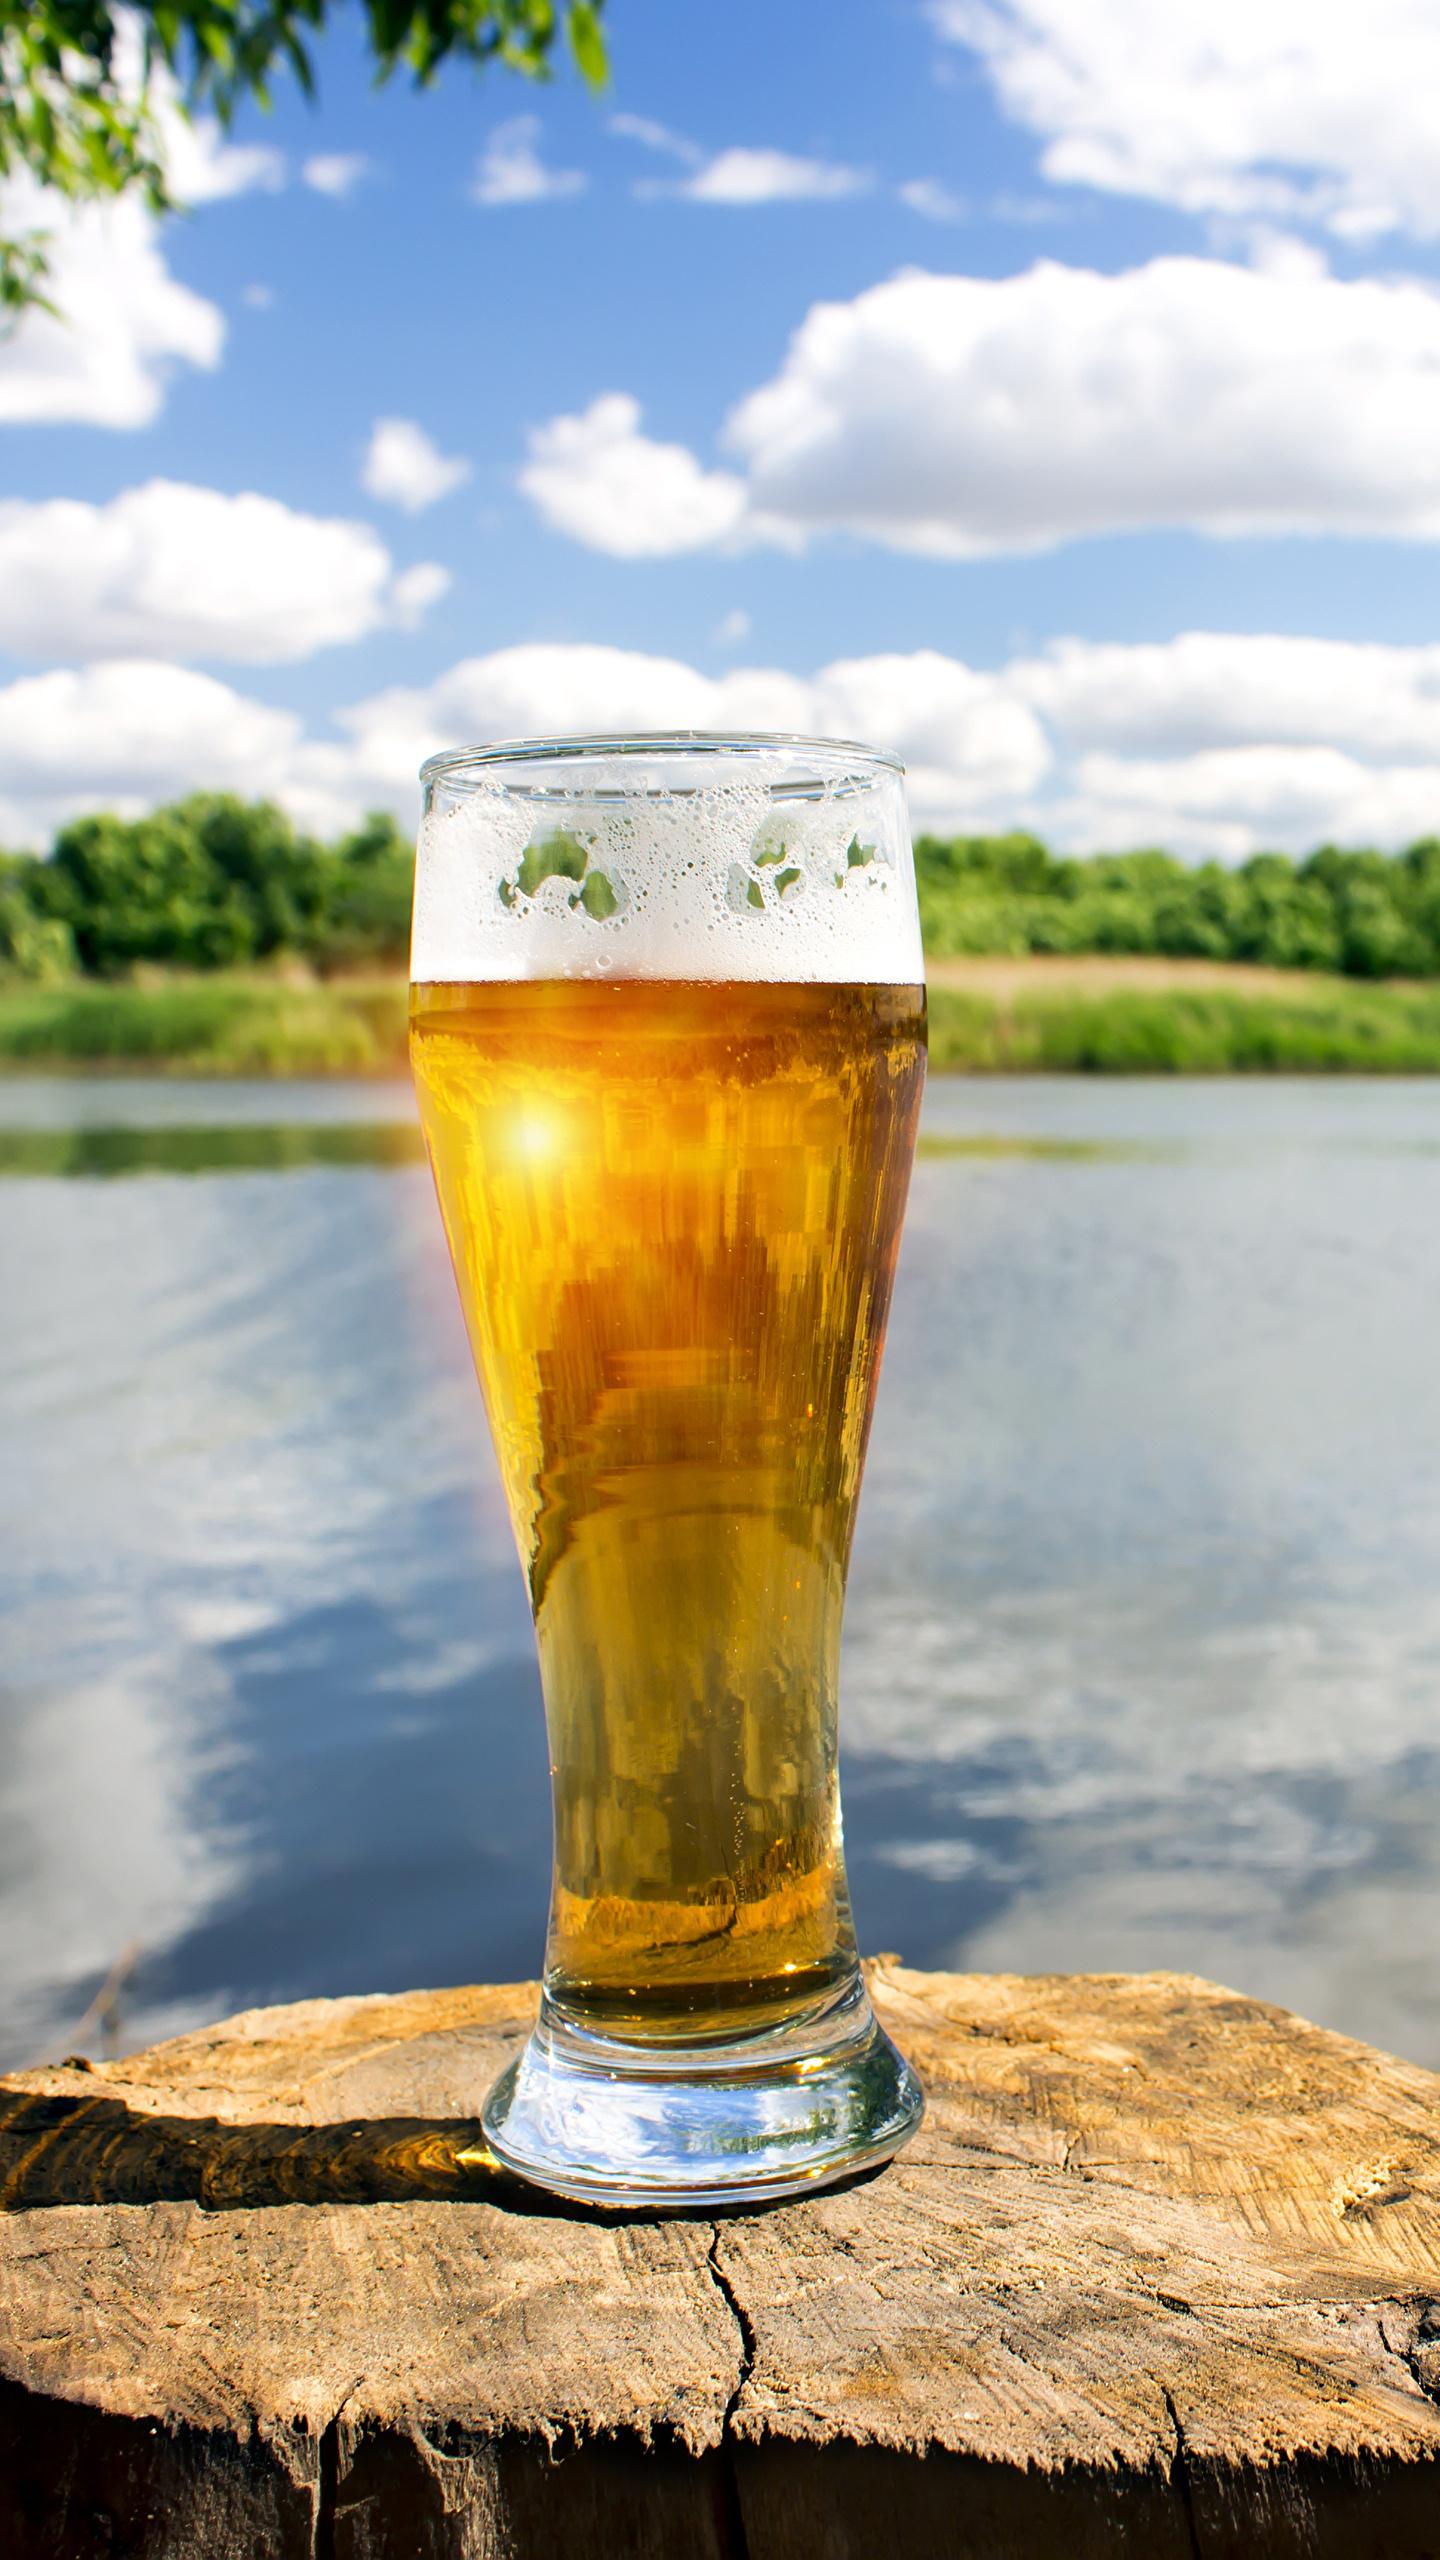 Фотография Пиво пне Стакан пене Продукты питания 1440x2560 Пень стакана стакане Еда Пища Пена пеной